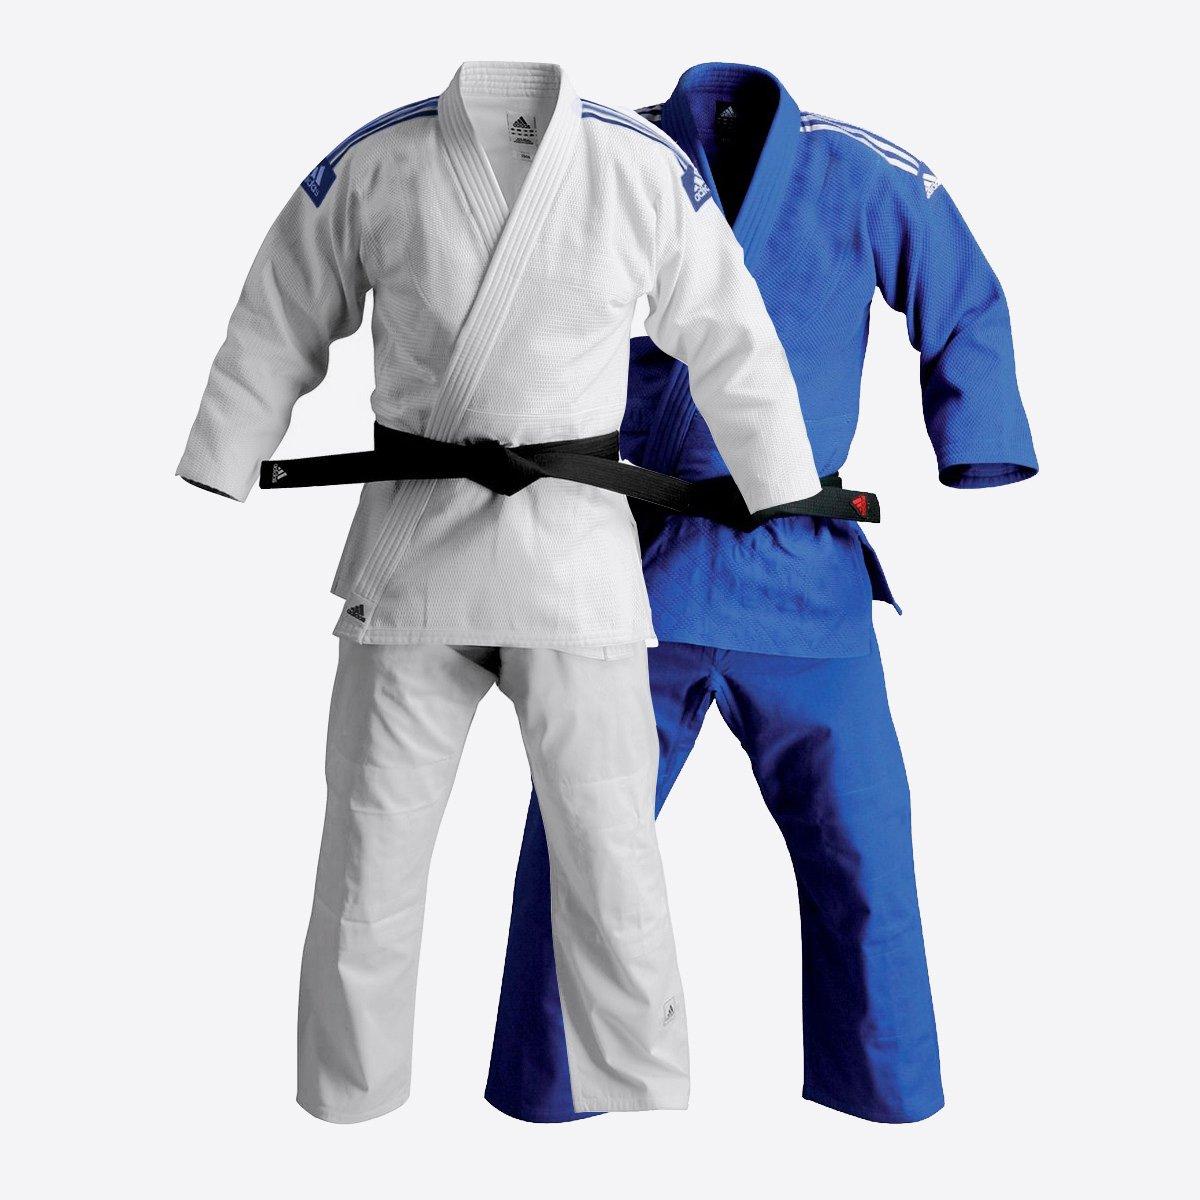 adidas Jiu-Jitsu Training Gi Uniform - 2 Colors! (White, 4/180cm) by adidas